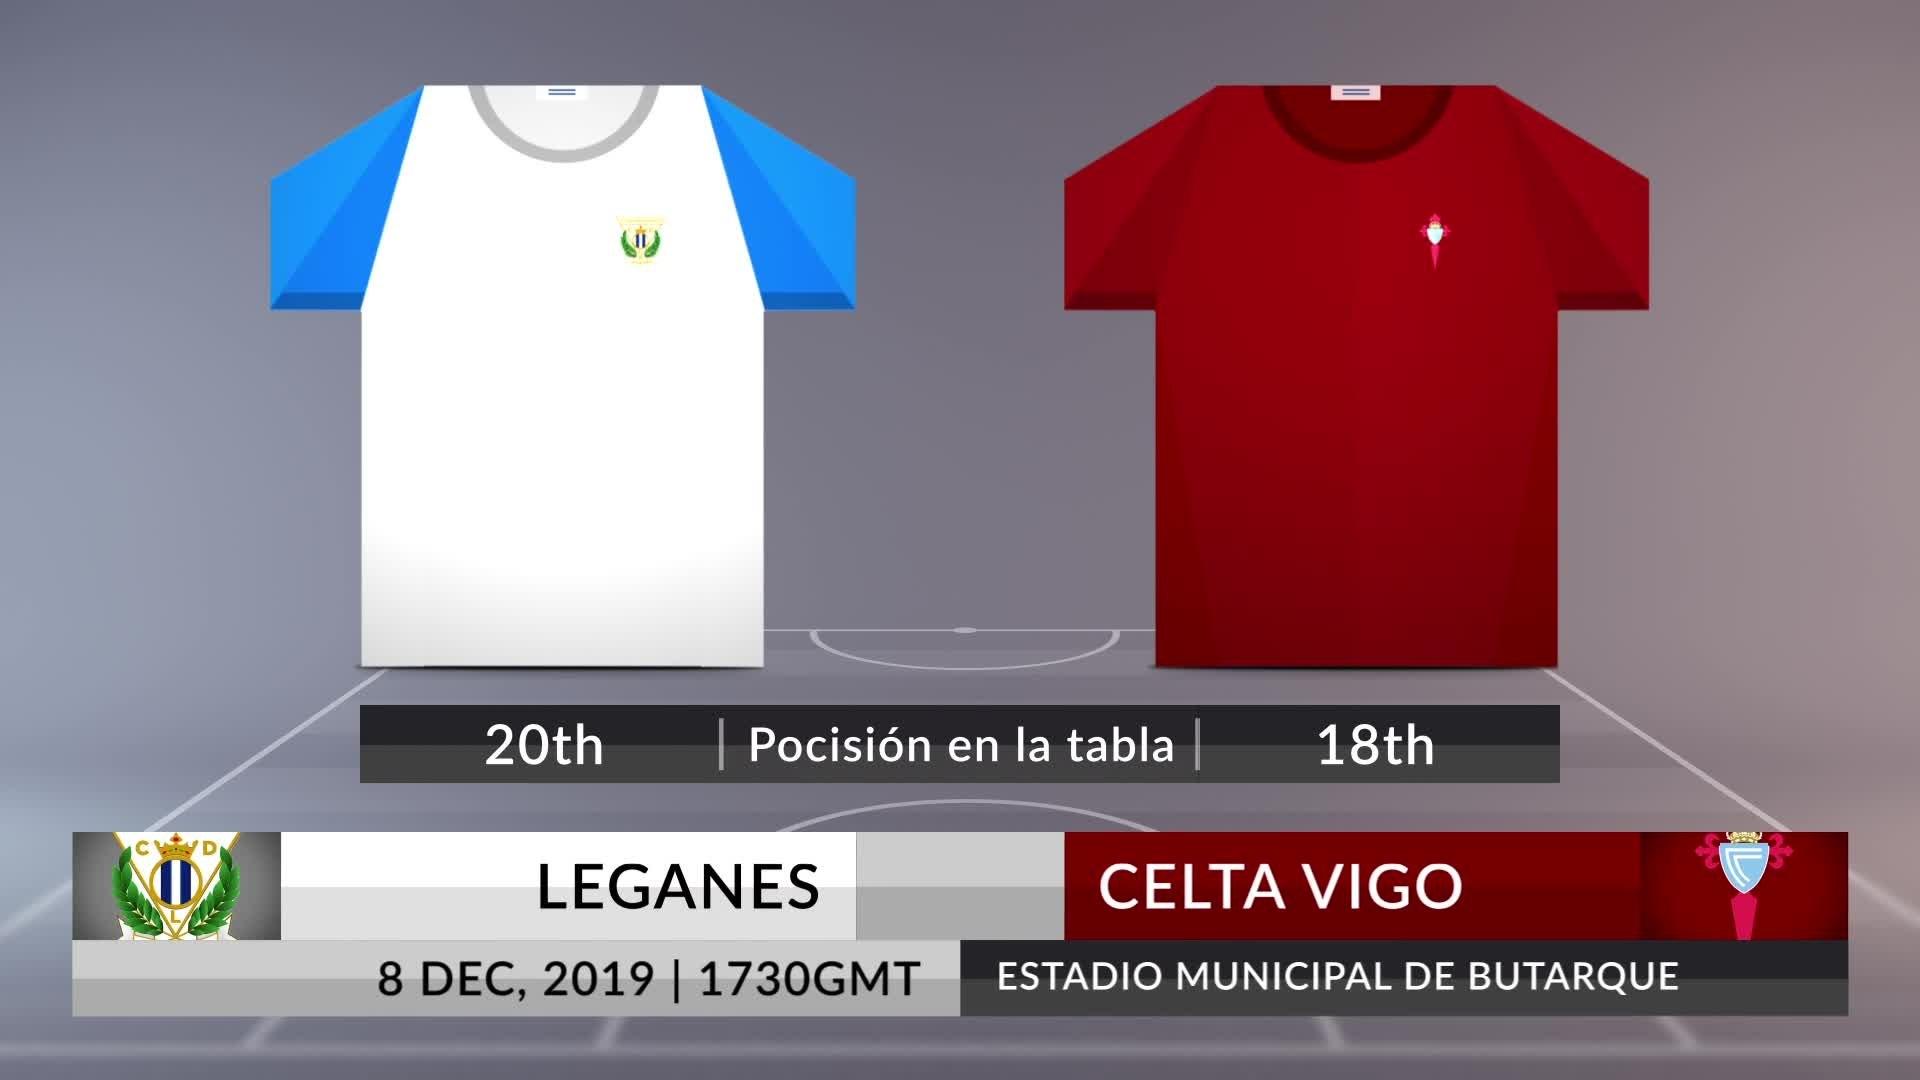 Match Preview: Leganes vs Celta Vigo on 08/12/2019